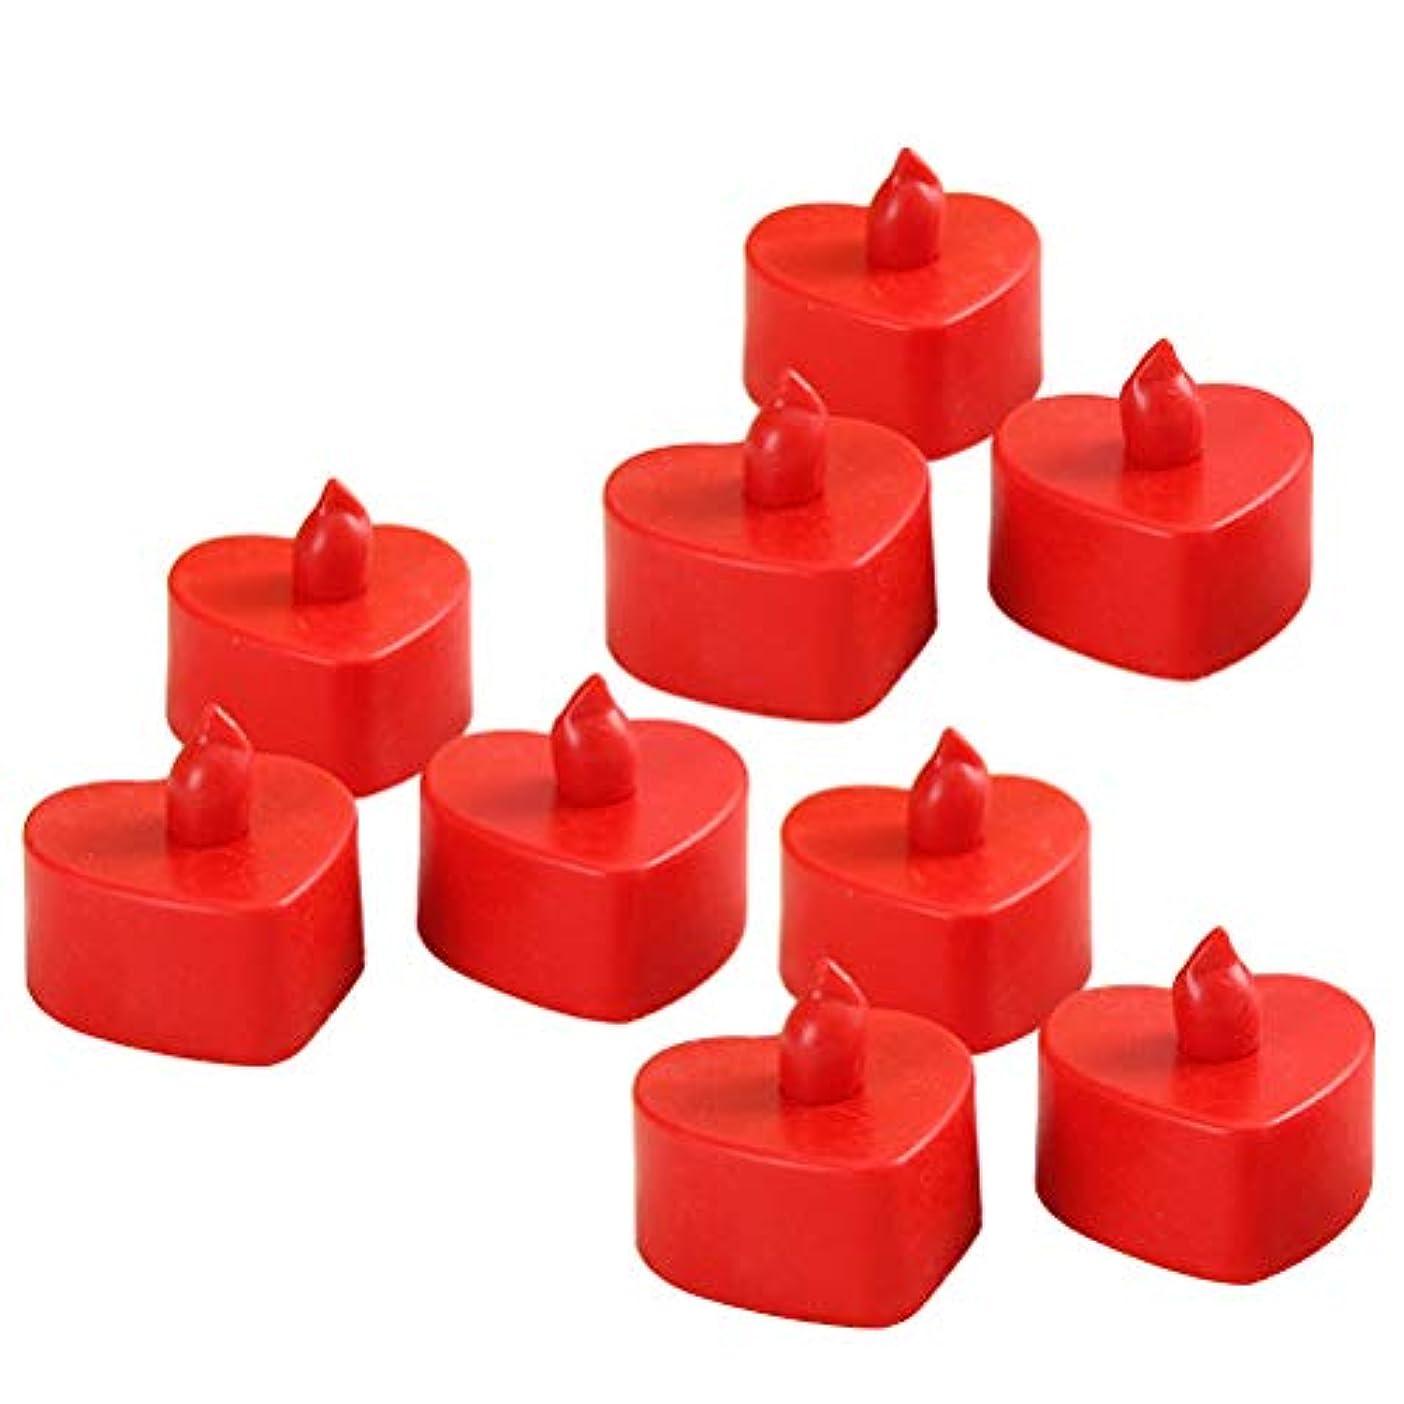 パン物質マッシュBESTOYARD 10個無炎キャンドルバッテリーは、キャンドルウェディングパーティフェスティバルの装飾(赤いシェルの赤い光)